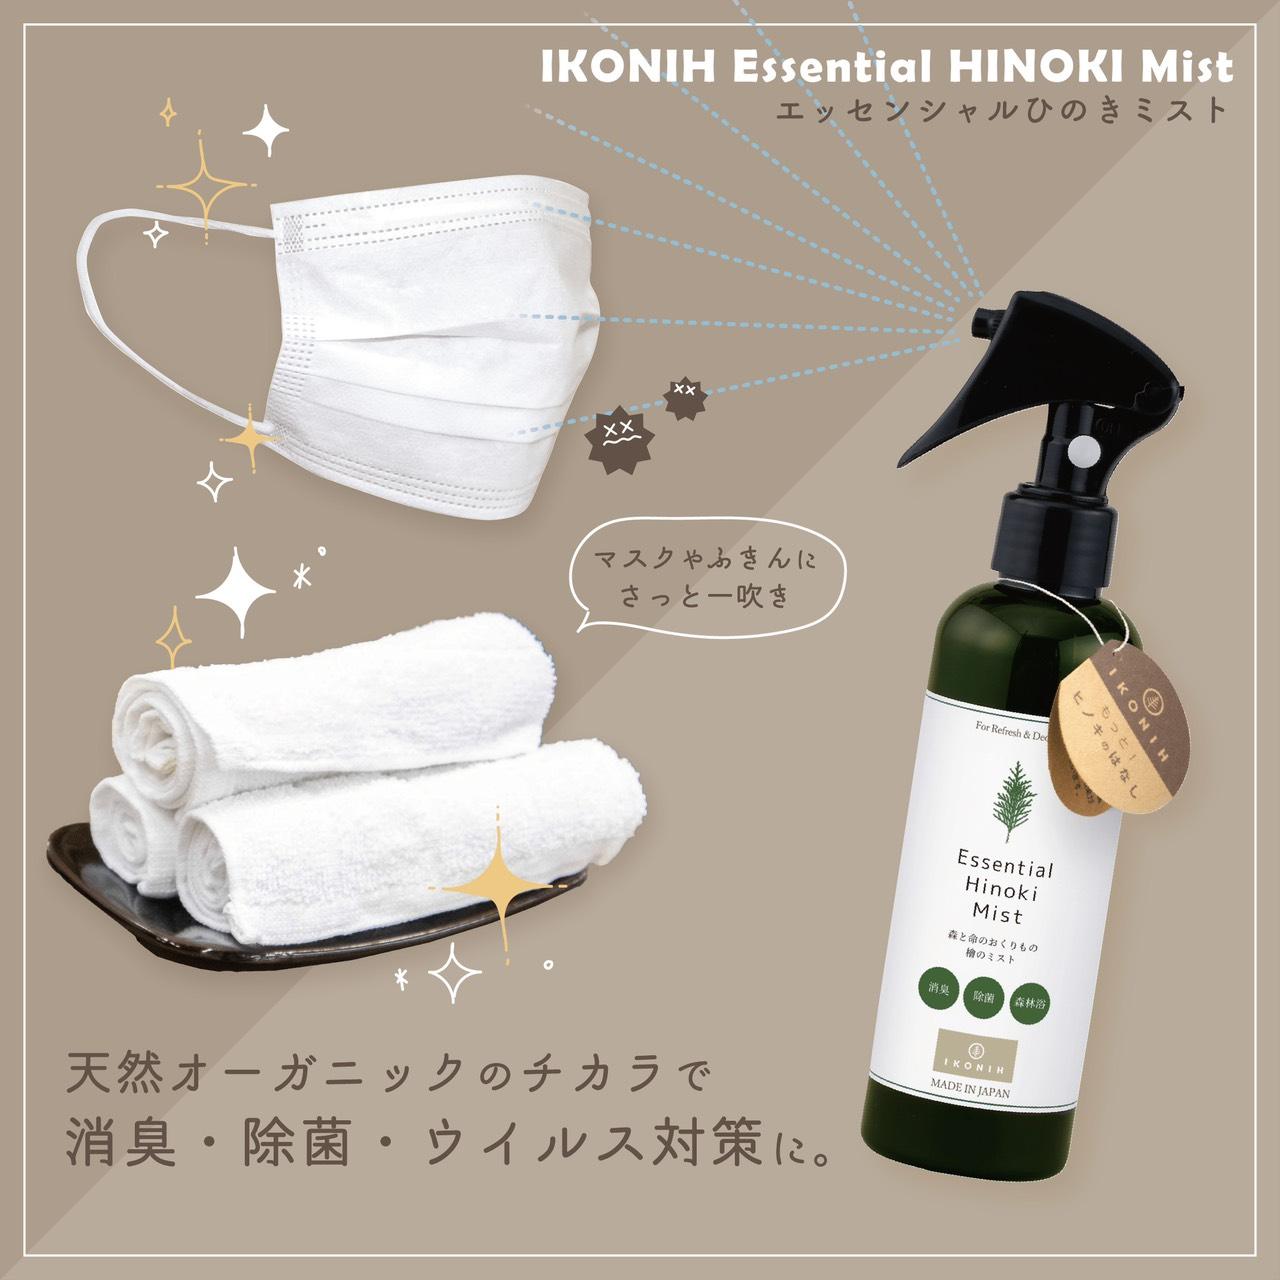 【ヒノキ200ml】「IKONIH エッセンシャルひのきミスト 200ml」国産ひのきから生まれた除菌・除ウイルスエッセンシャルウォーター